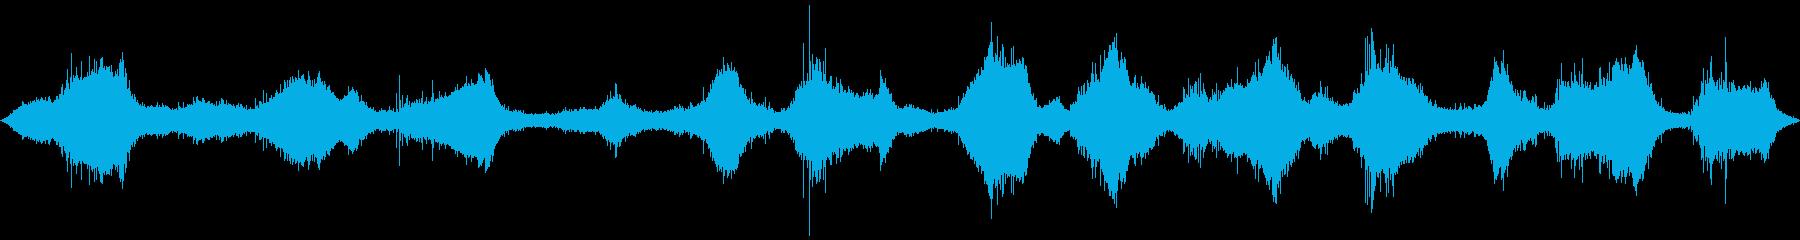 波と砂利がぶつかり合う音が特徴的な波音の再生済みの波形